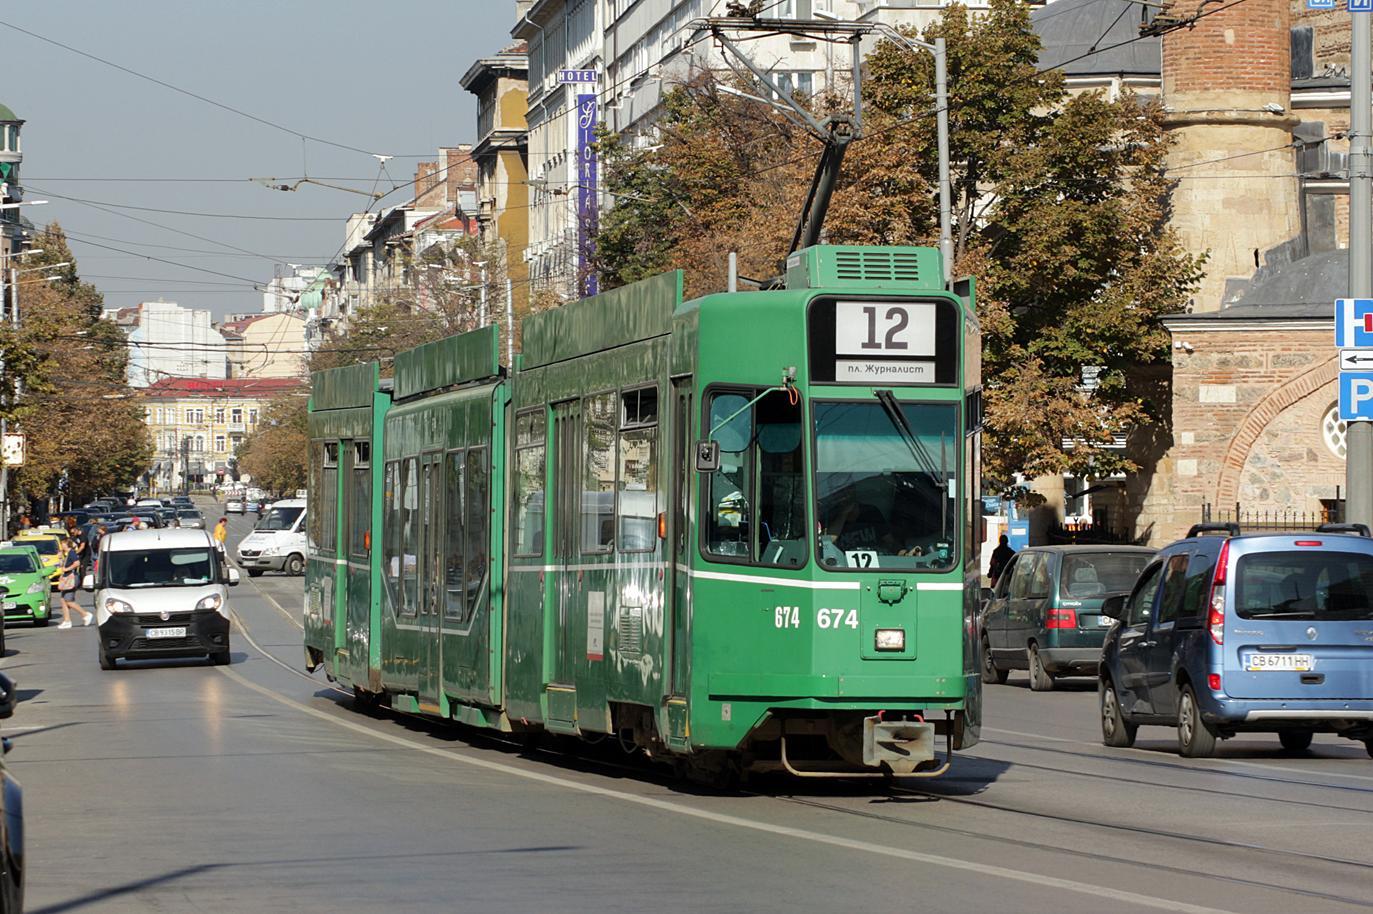 Заради ремонт на релсовия път променят маршрута на трамваи 3 и 12